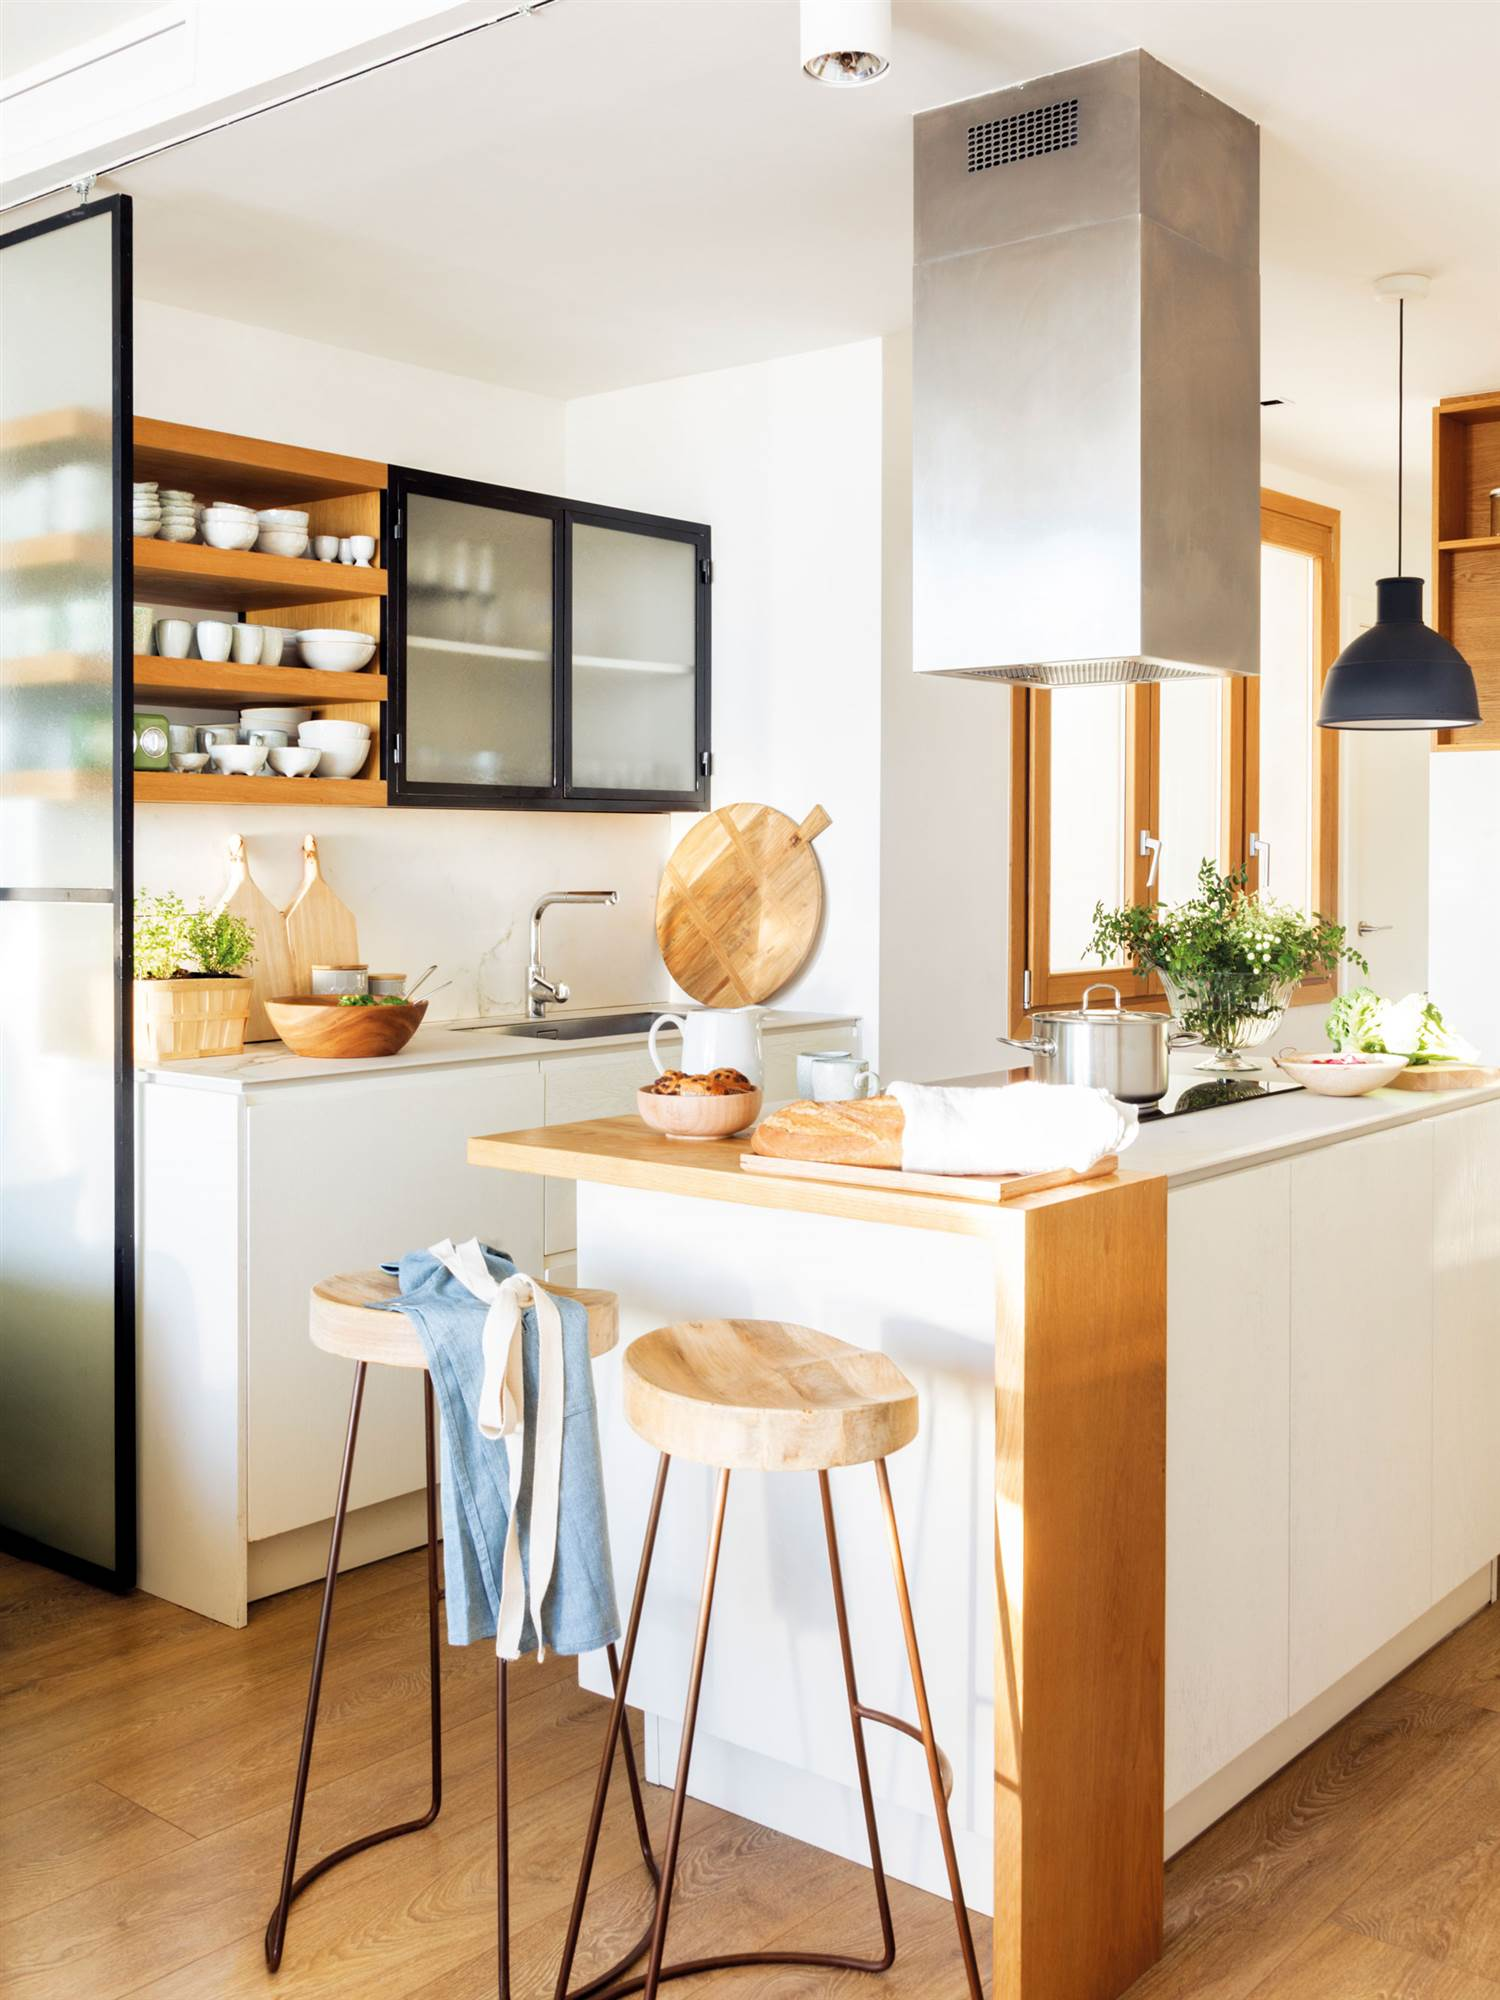 2147 fotos de cocinas for Disenos de cocinas pequenas con barra